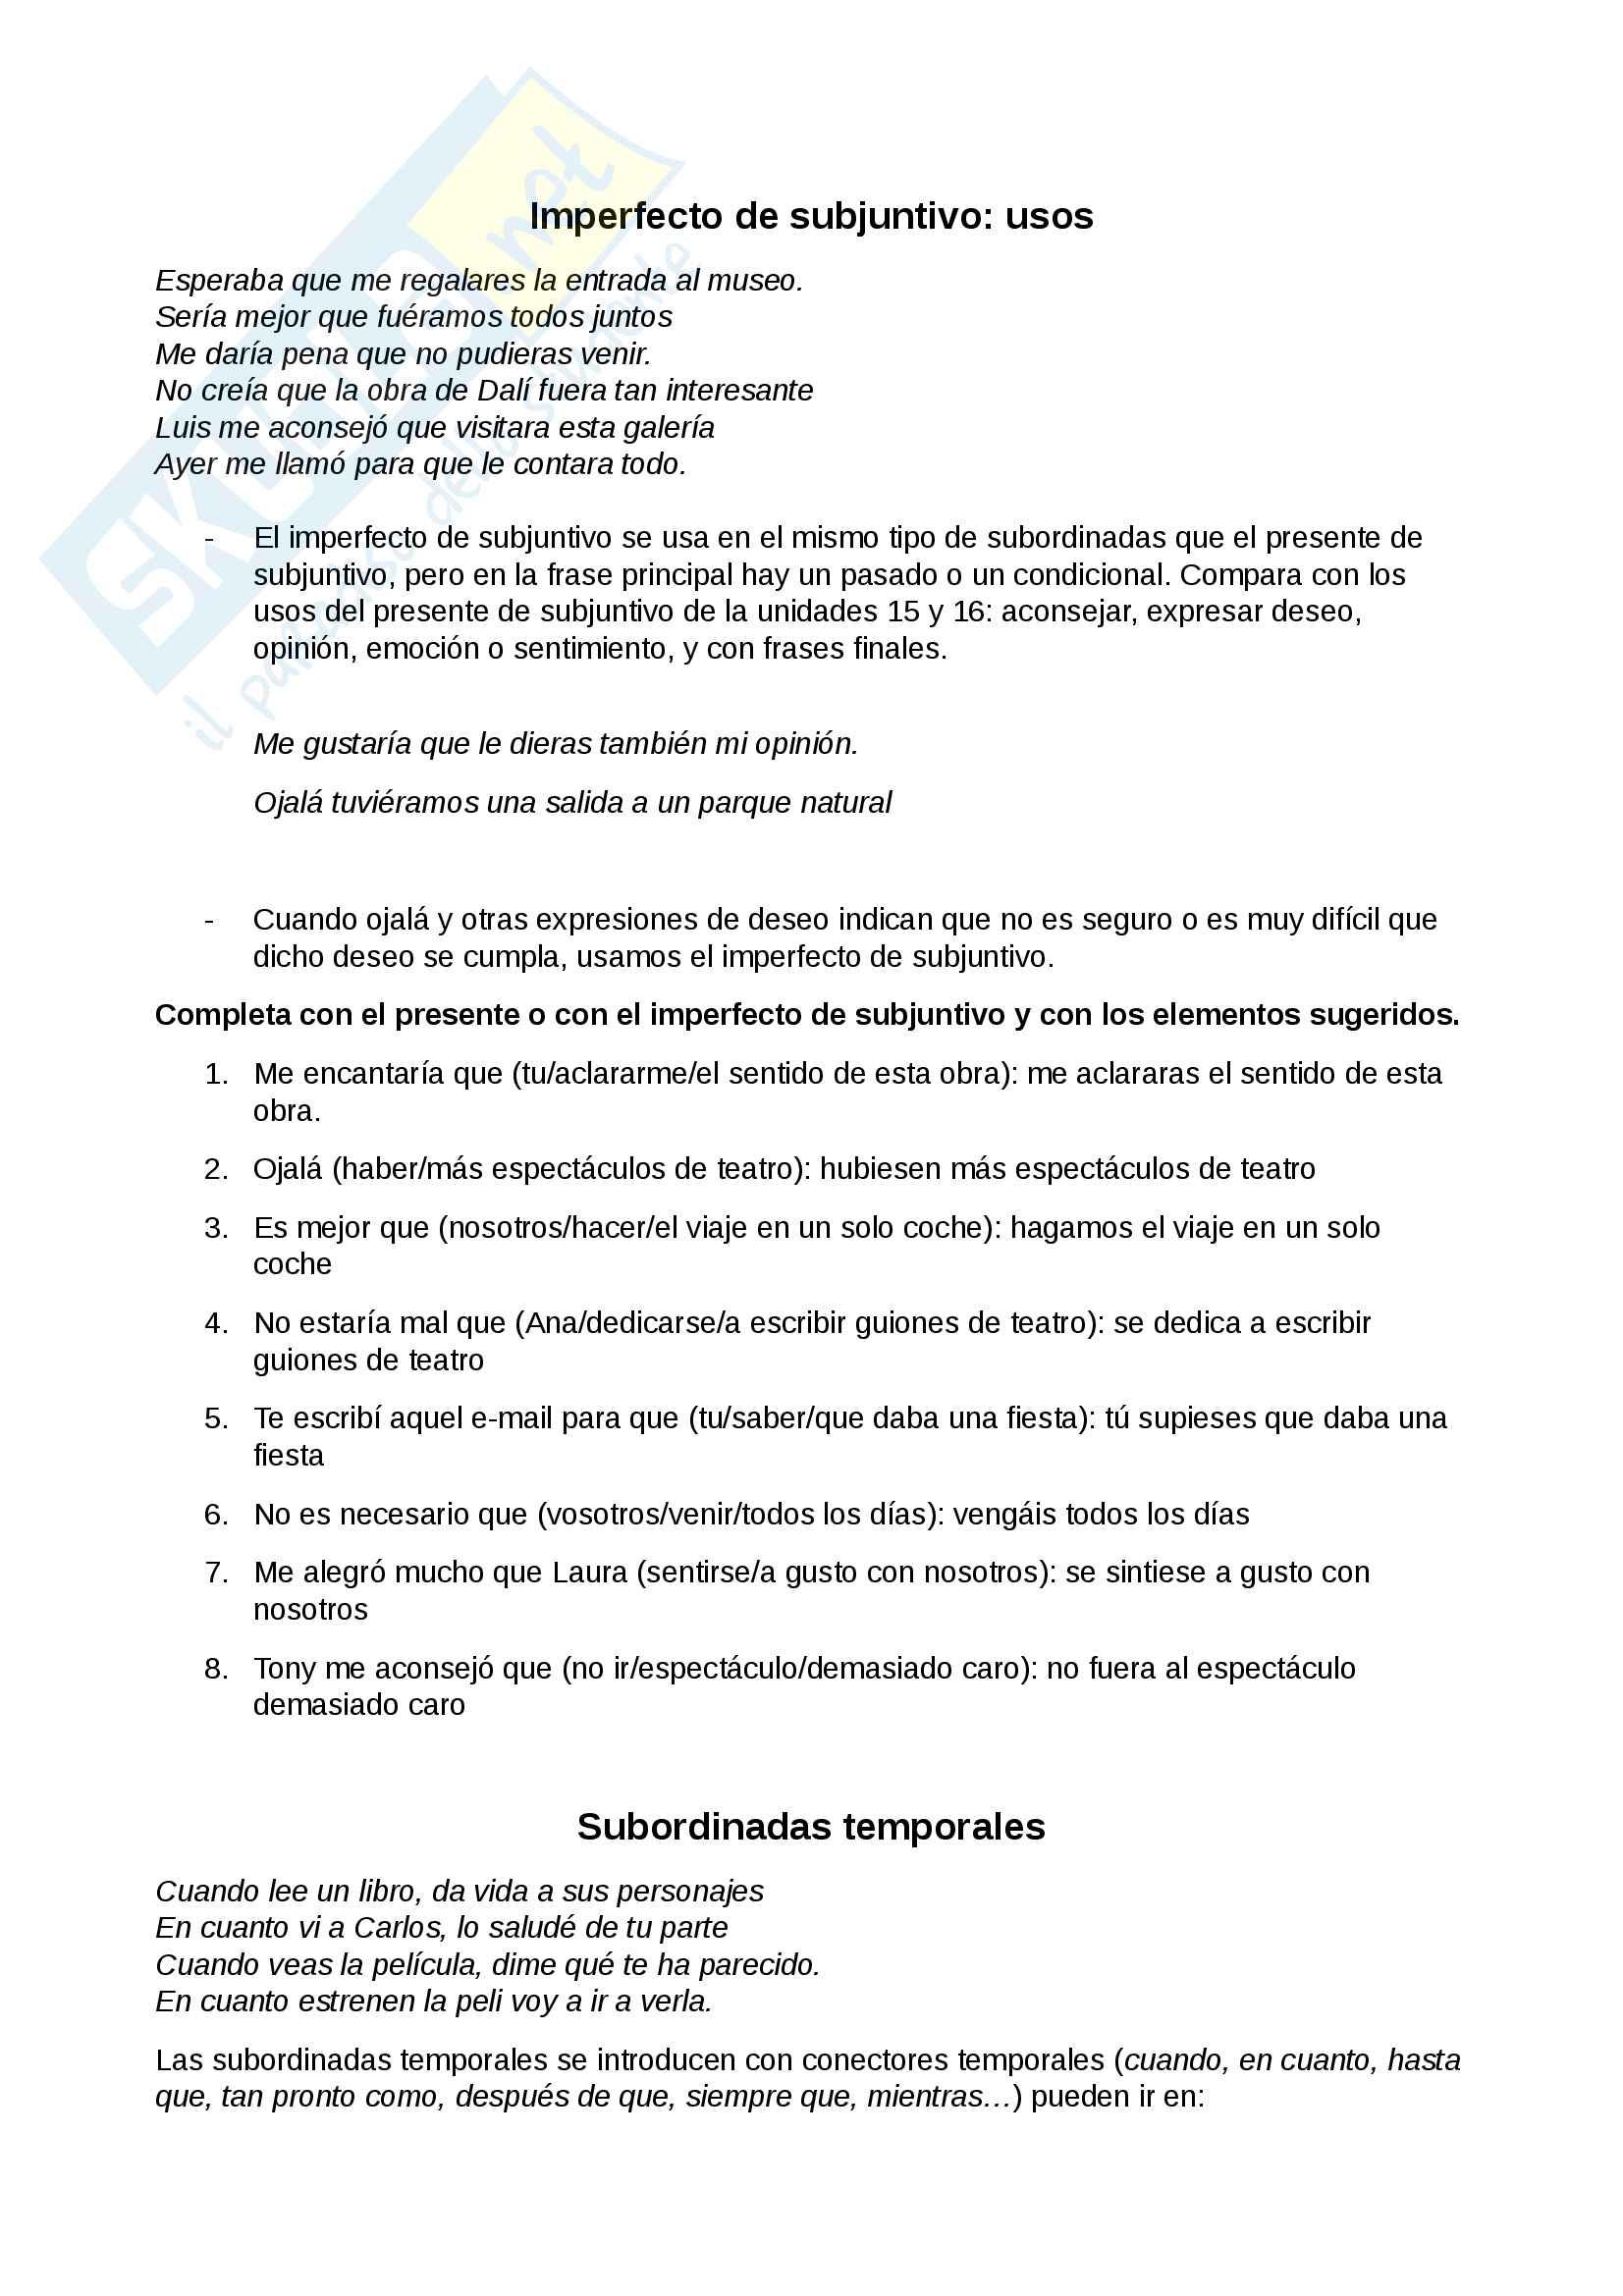 Appunti di Spagnolo 2